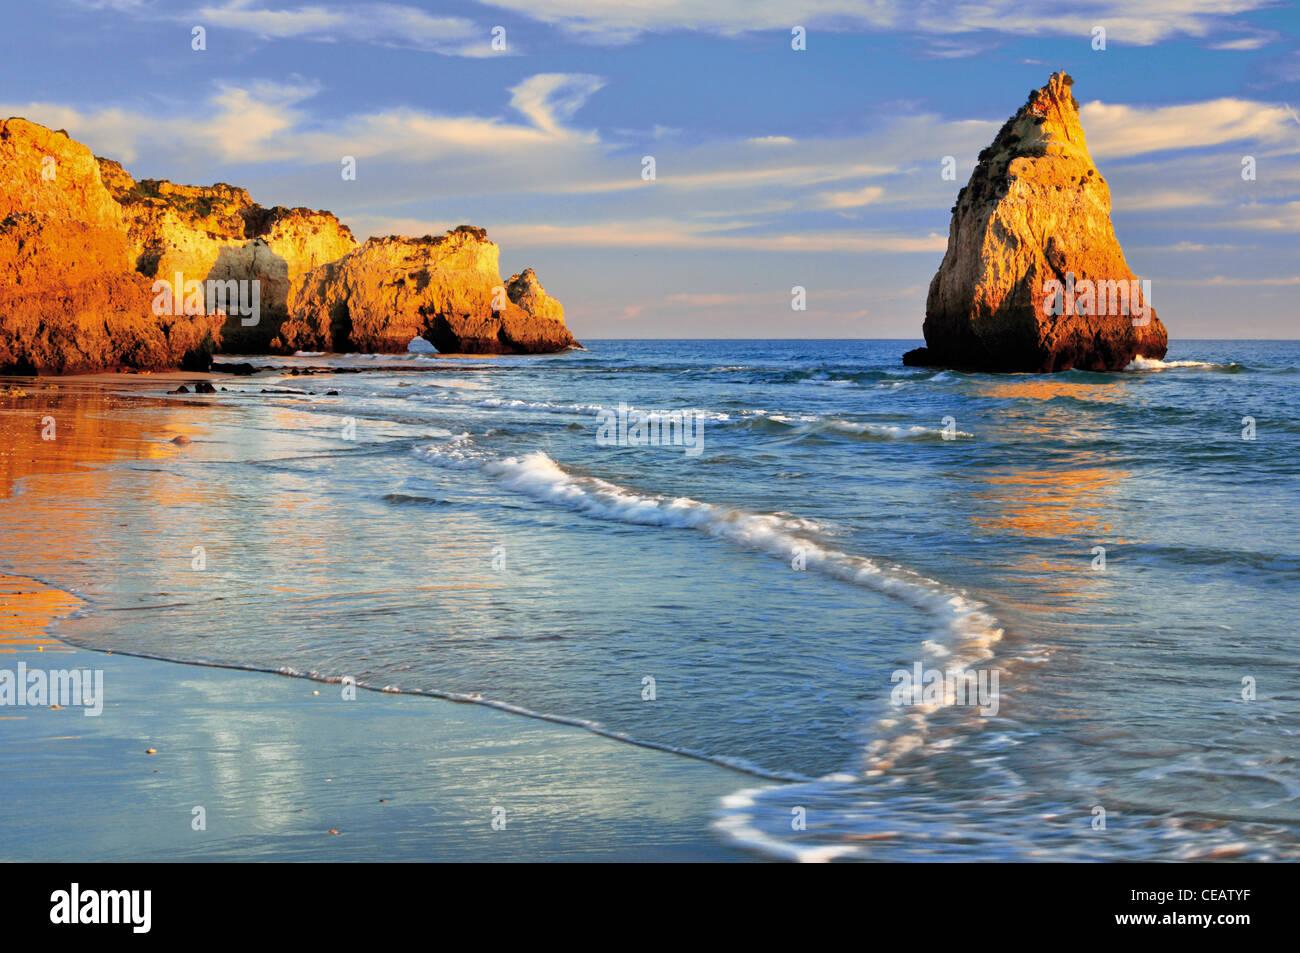 Portugal, Algarve: formaciones rocosas en la playa Prainha Imagen De Stock